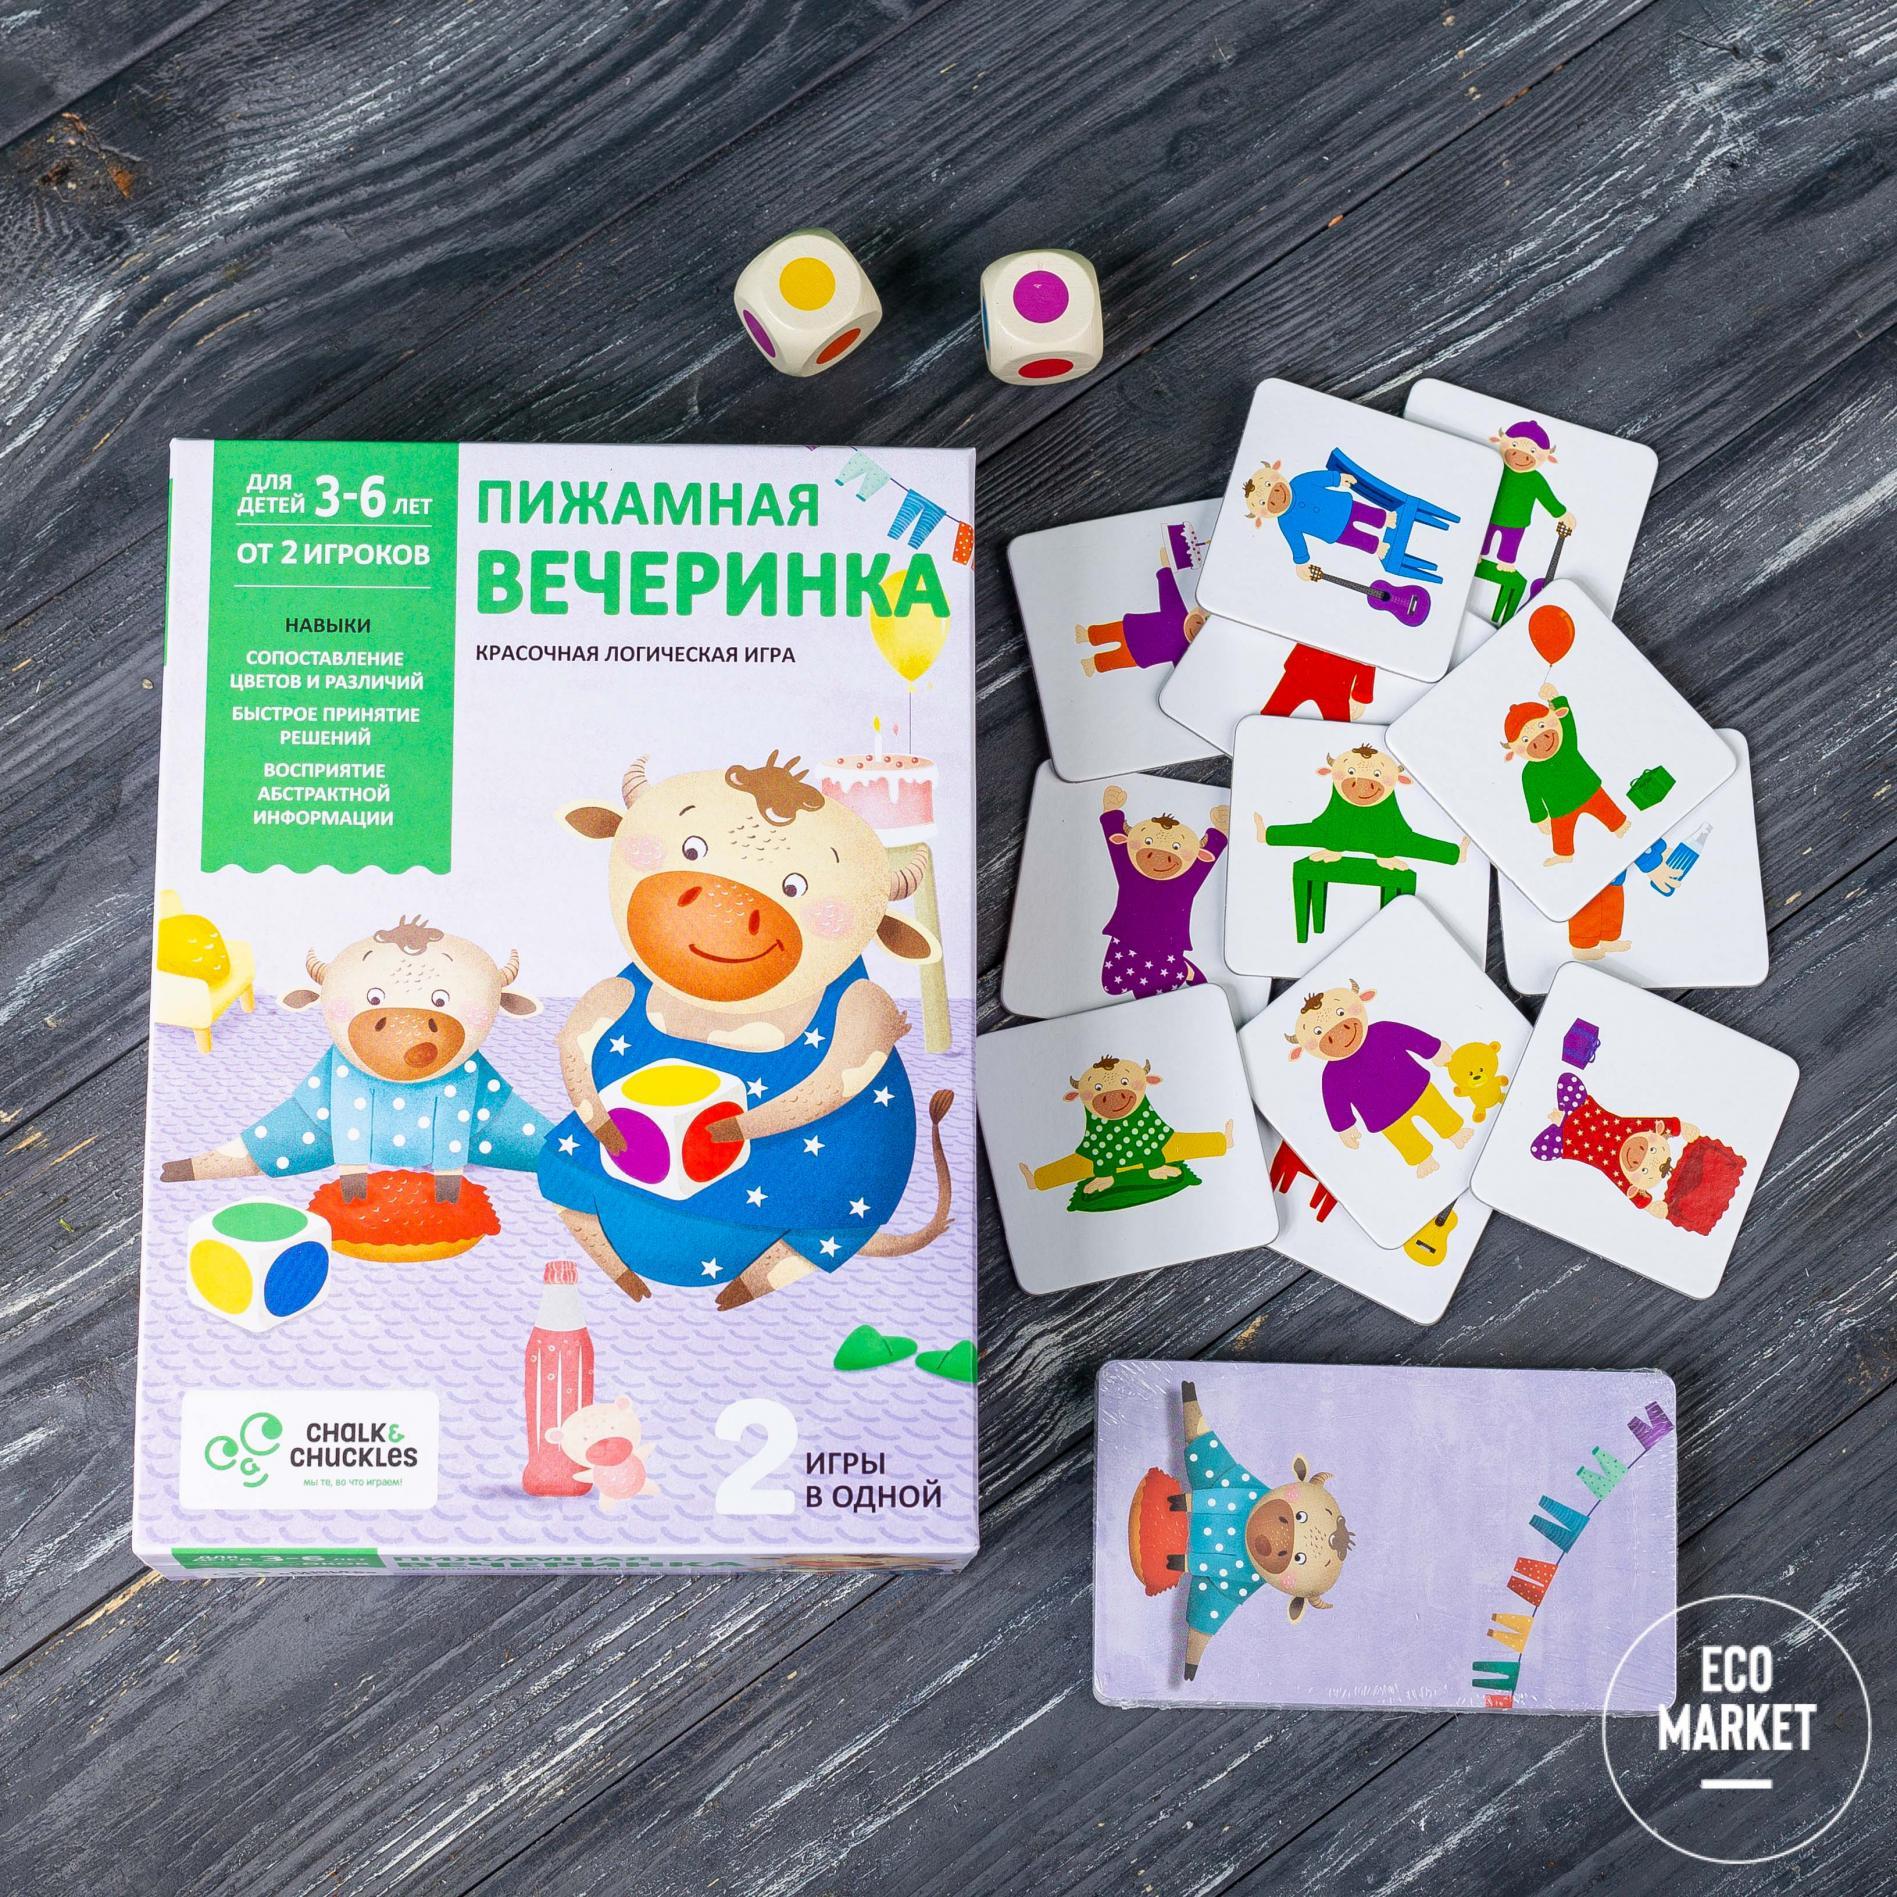 Настольная игра для детей Пижамная вечеринка